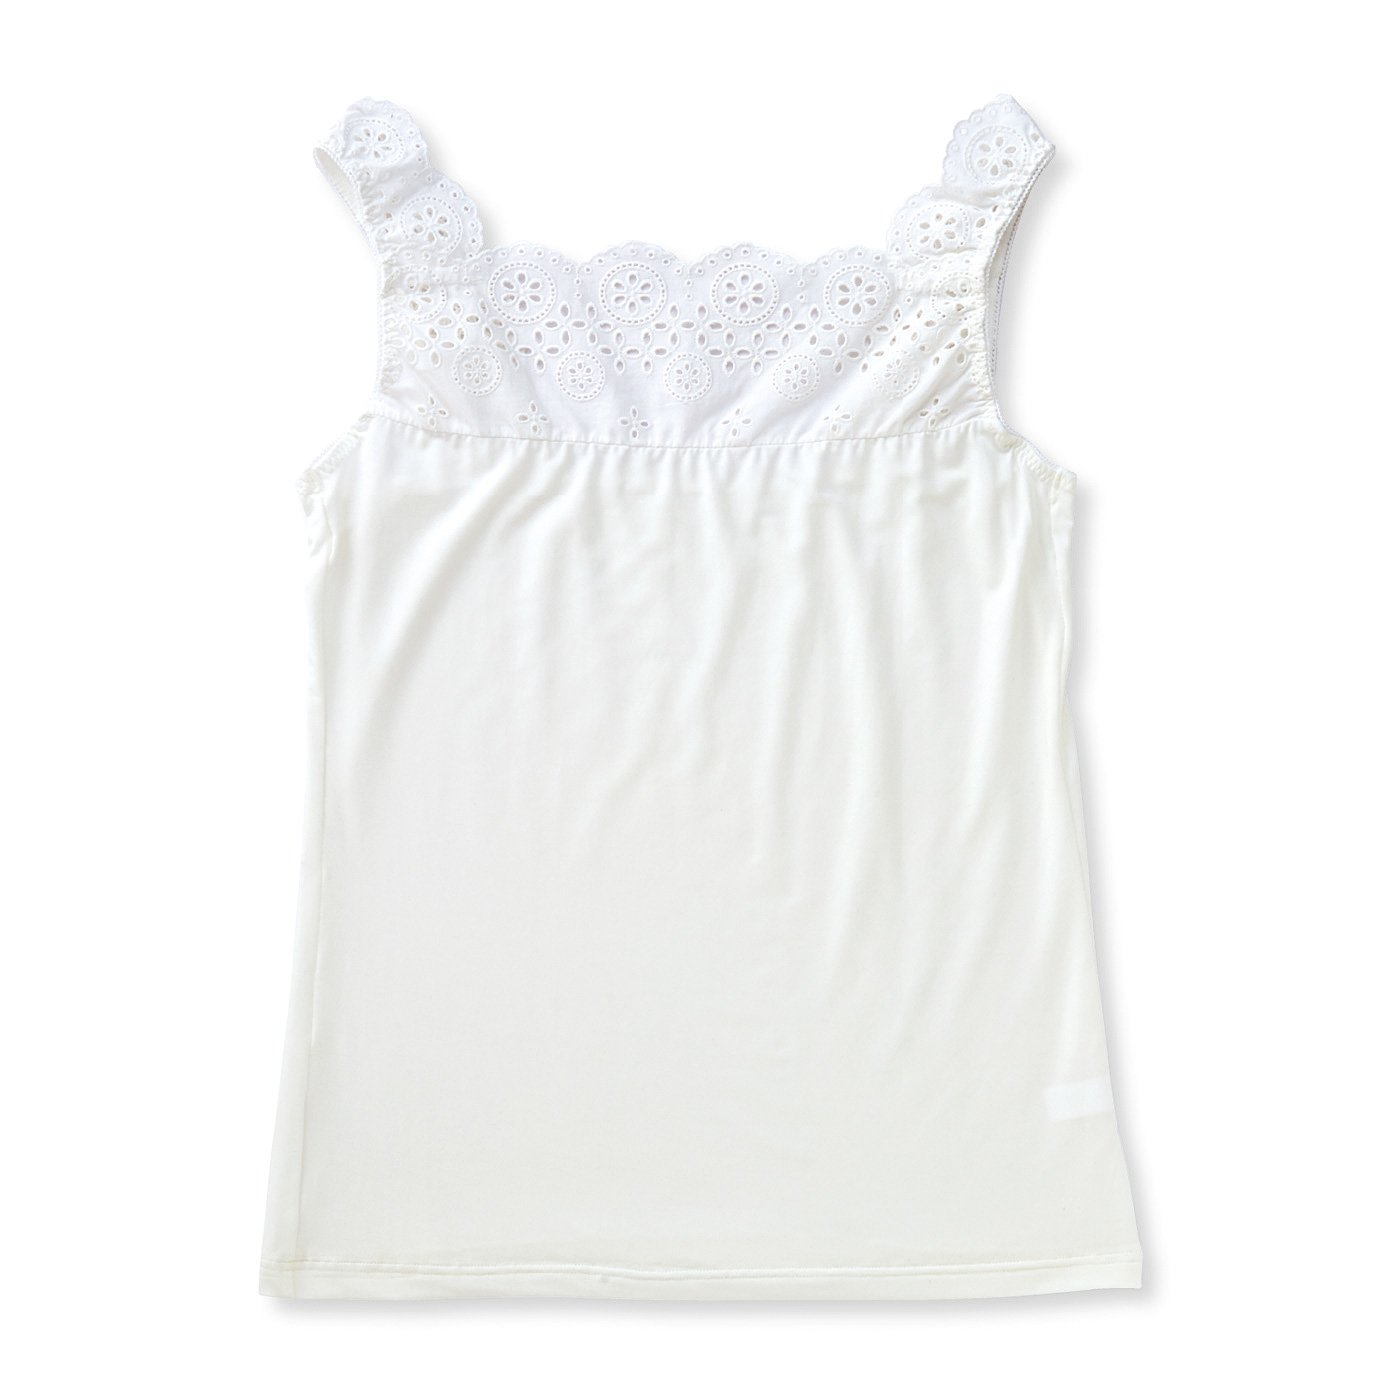 コットンレースで衿もと華やぐ とろけるような素材でおなかフィットインナーの会